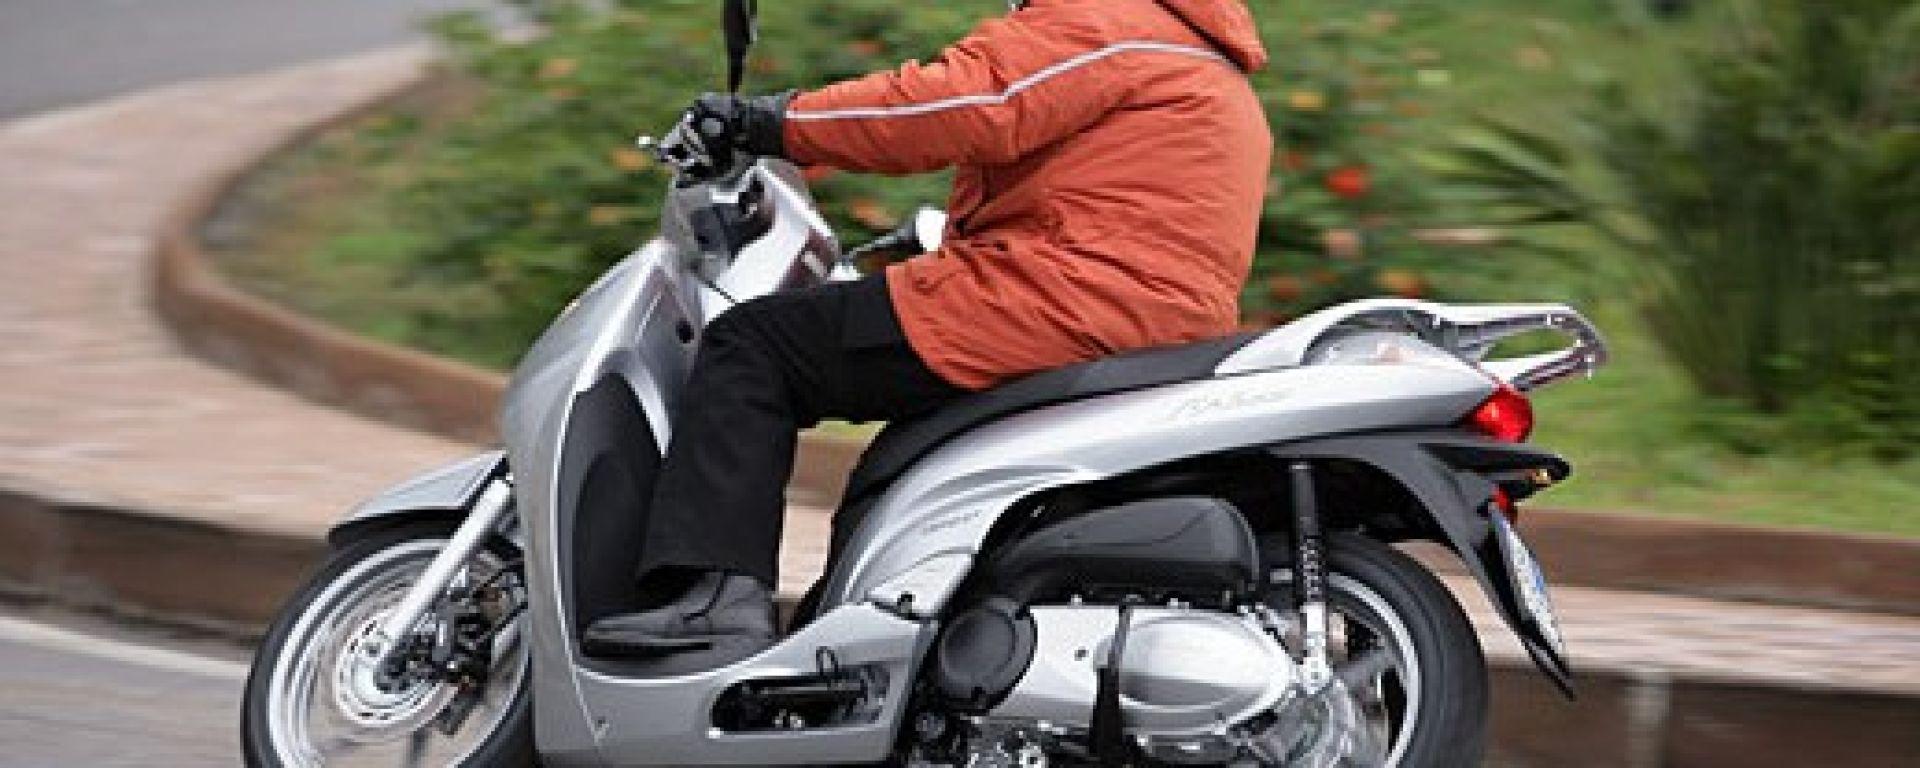 100% autentico miglior prezzo gamma esclusiva Prova: Honda SH300i - MotorBox